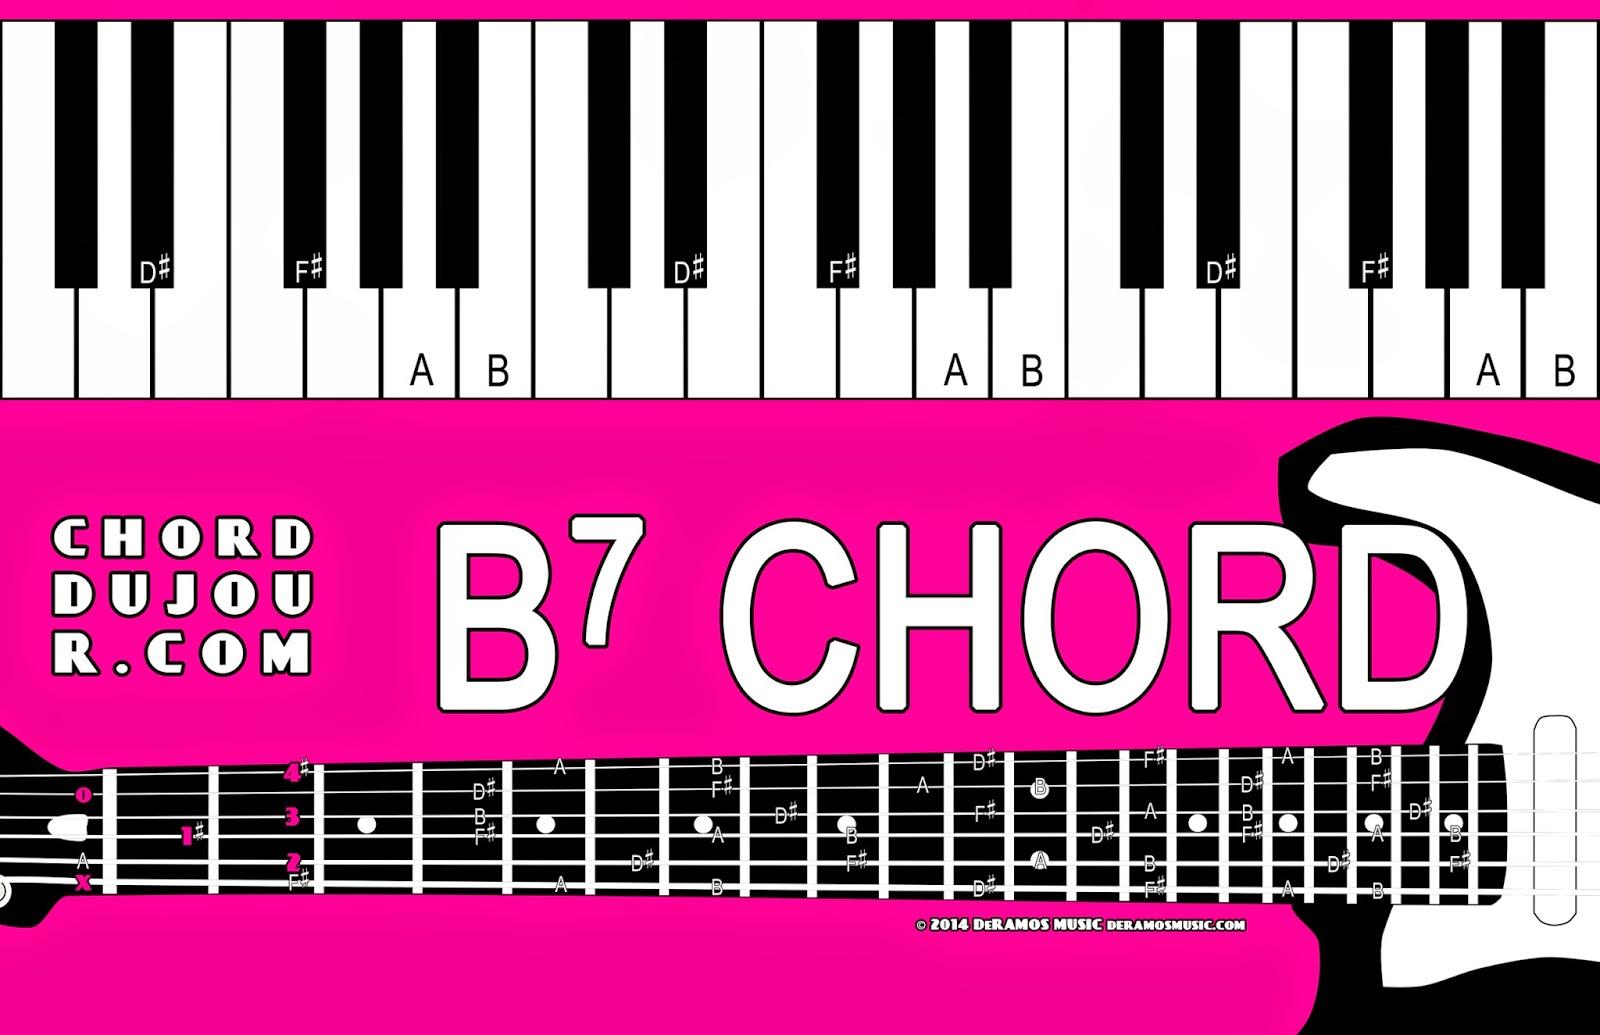 B Minor Guitar Finger Position